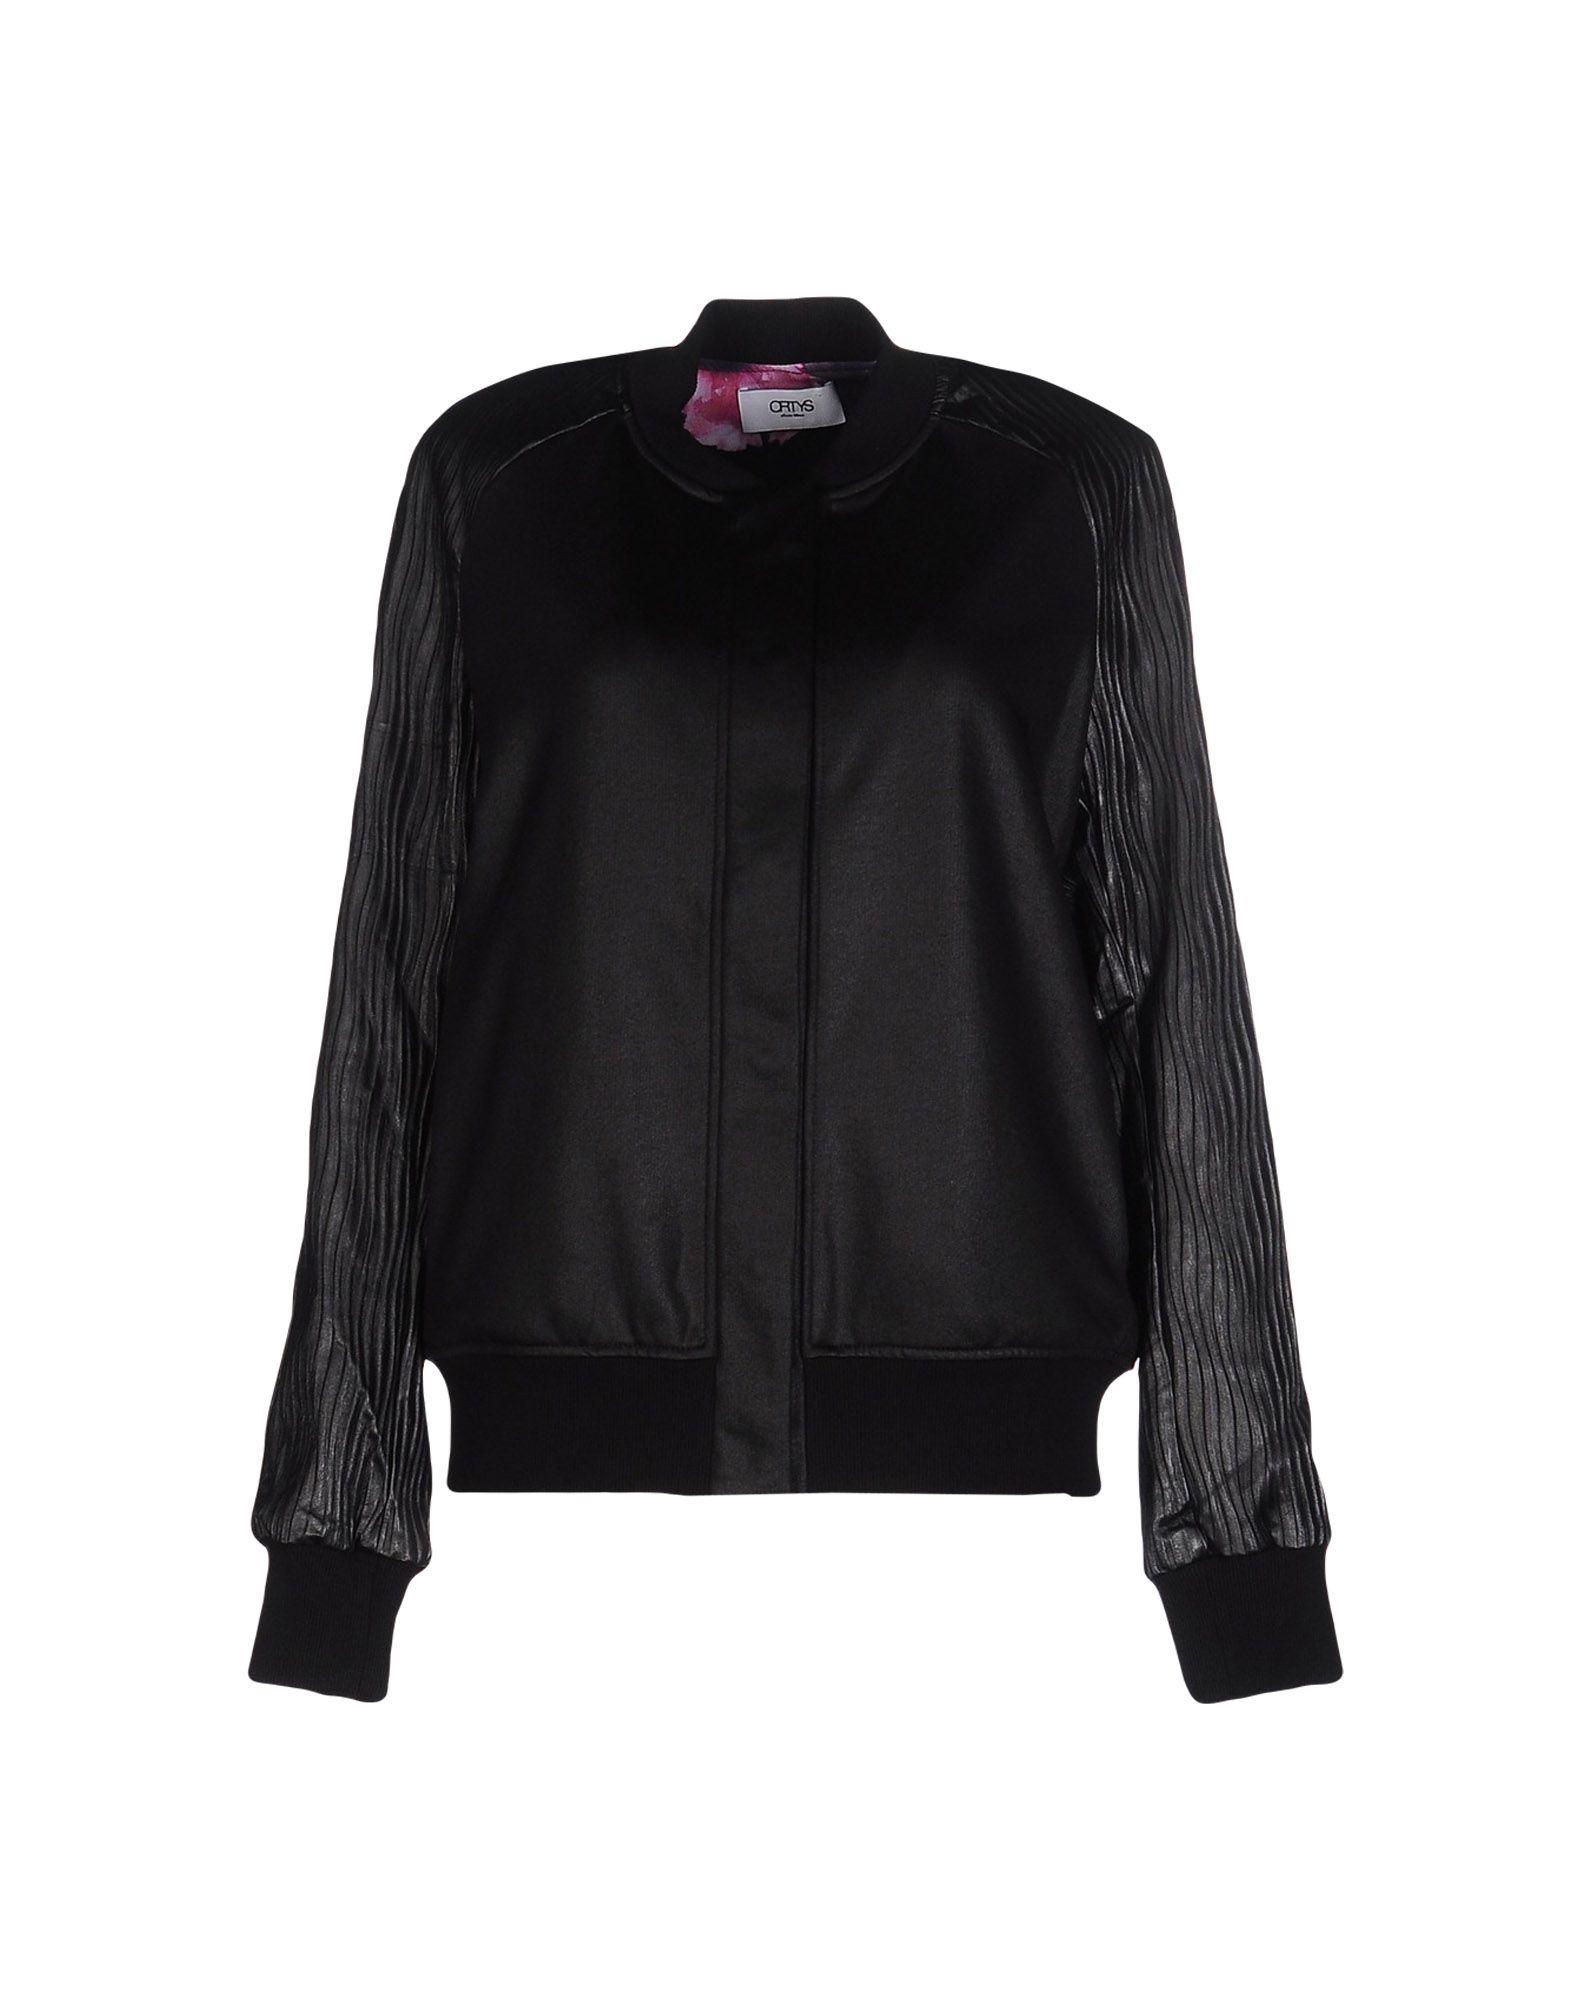 цены на ORTYS OFFICINA MILANO Куртка в интернет-магазинах